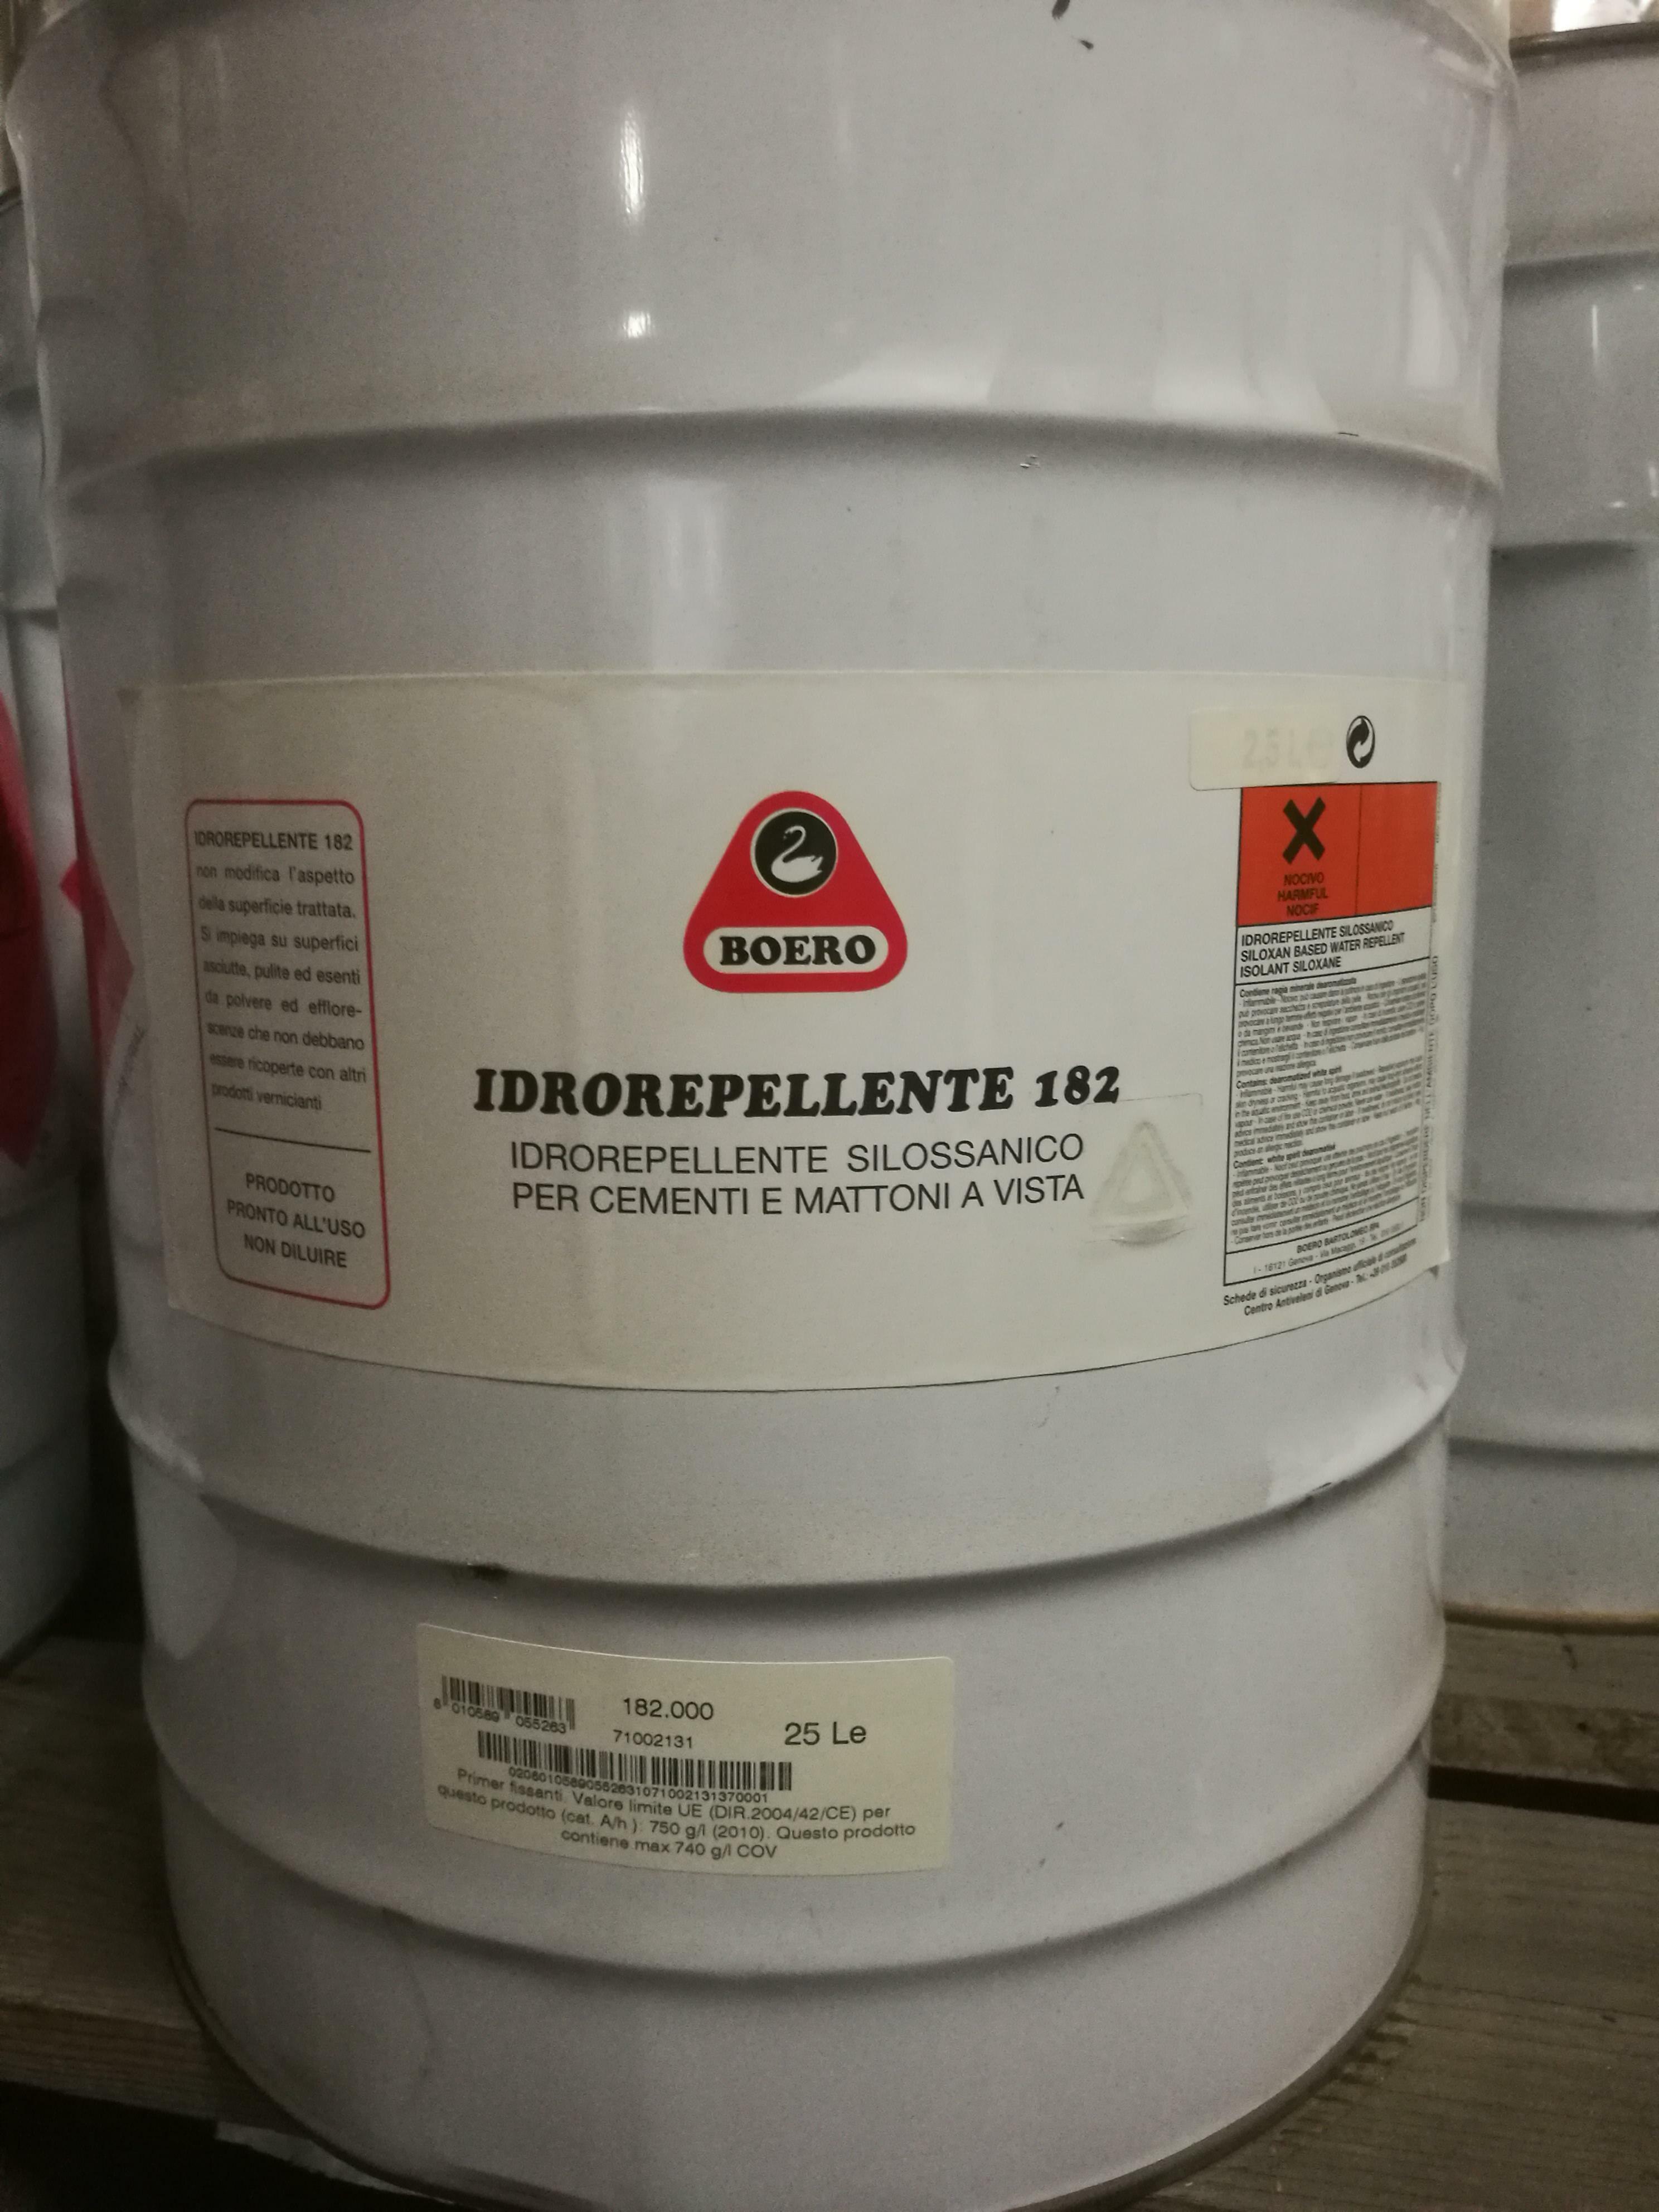 boero boero idrorepellente 182 silossanico 25 lt cod.182.000